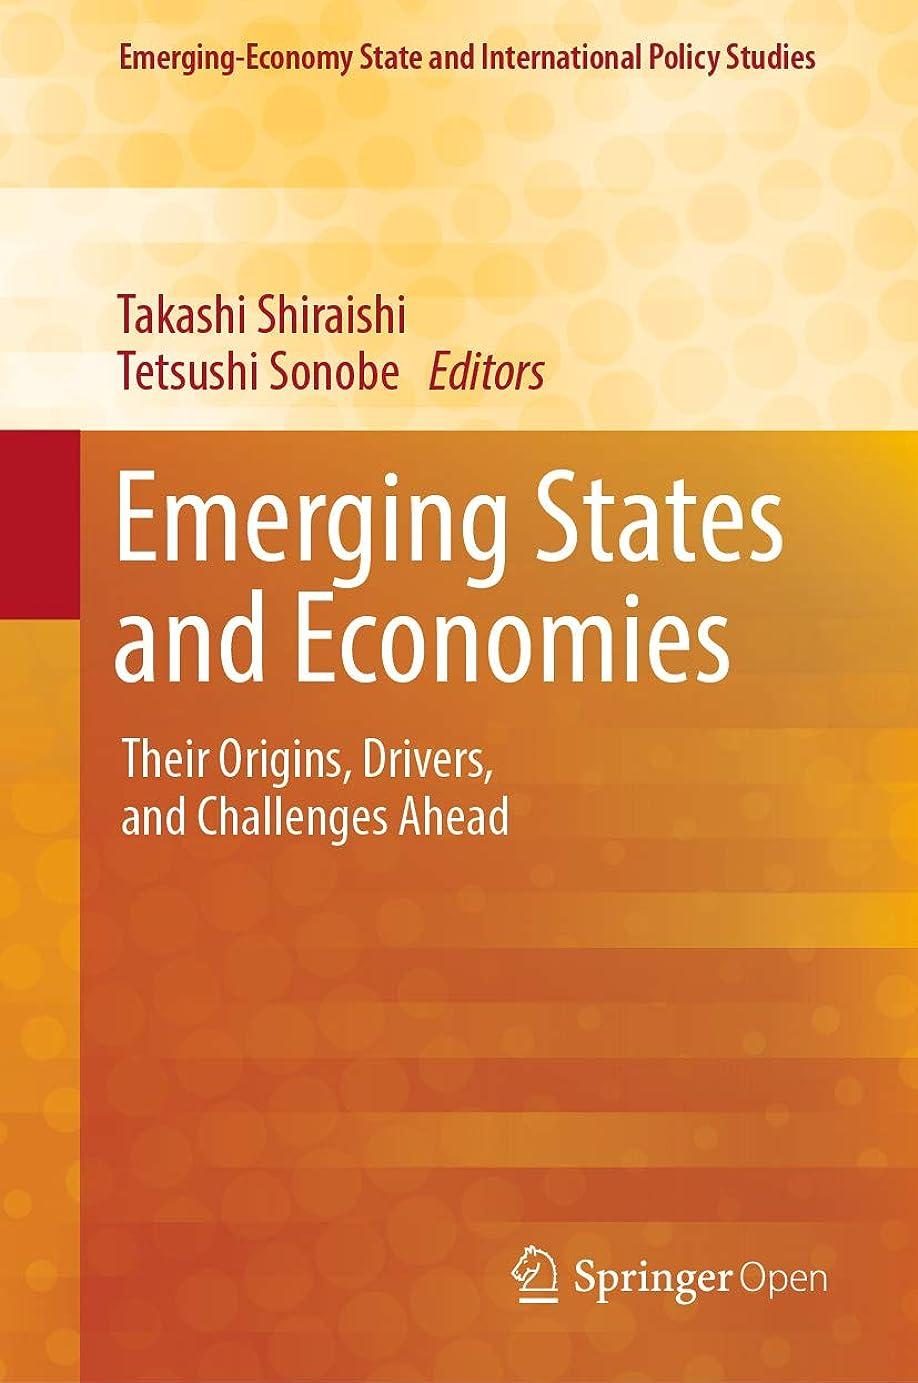 お尻依存するアレキサンダーグラハムベルEmerging States and Economies: Their Origins, Drivers, and Challenges Ahead (Emerging-Economy State and International Policy Studies) (English Edition)